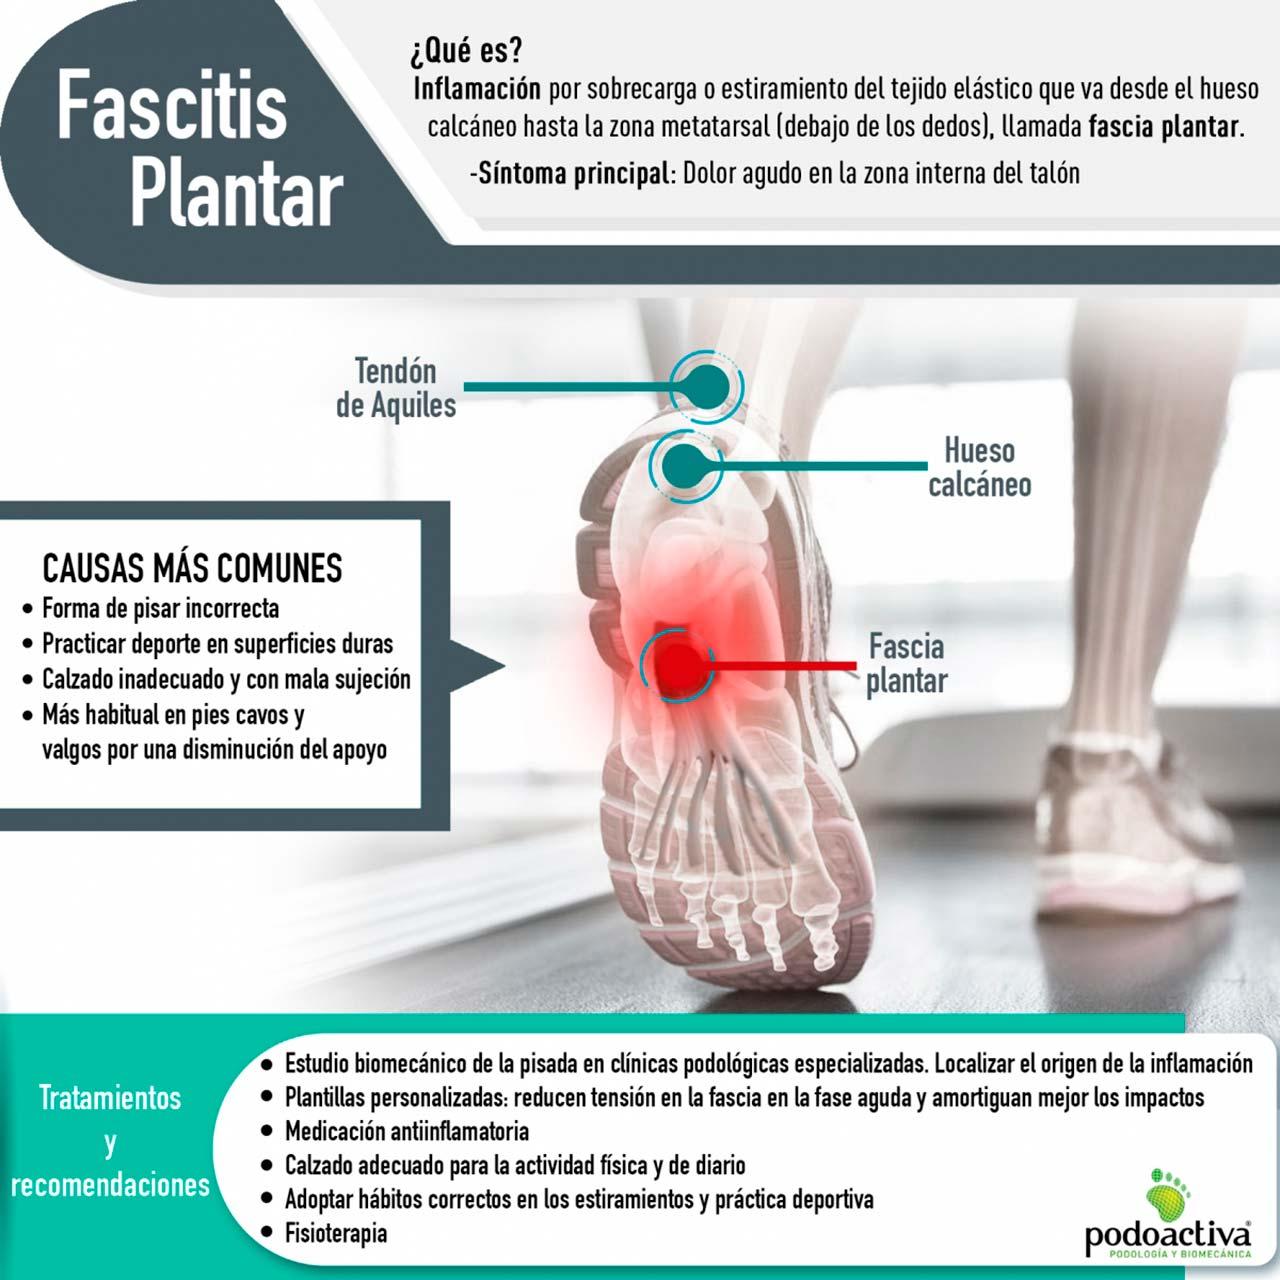 La fascitis plantar - Que es. Causas más comunes y tratamientos y recomendaciones